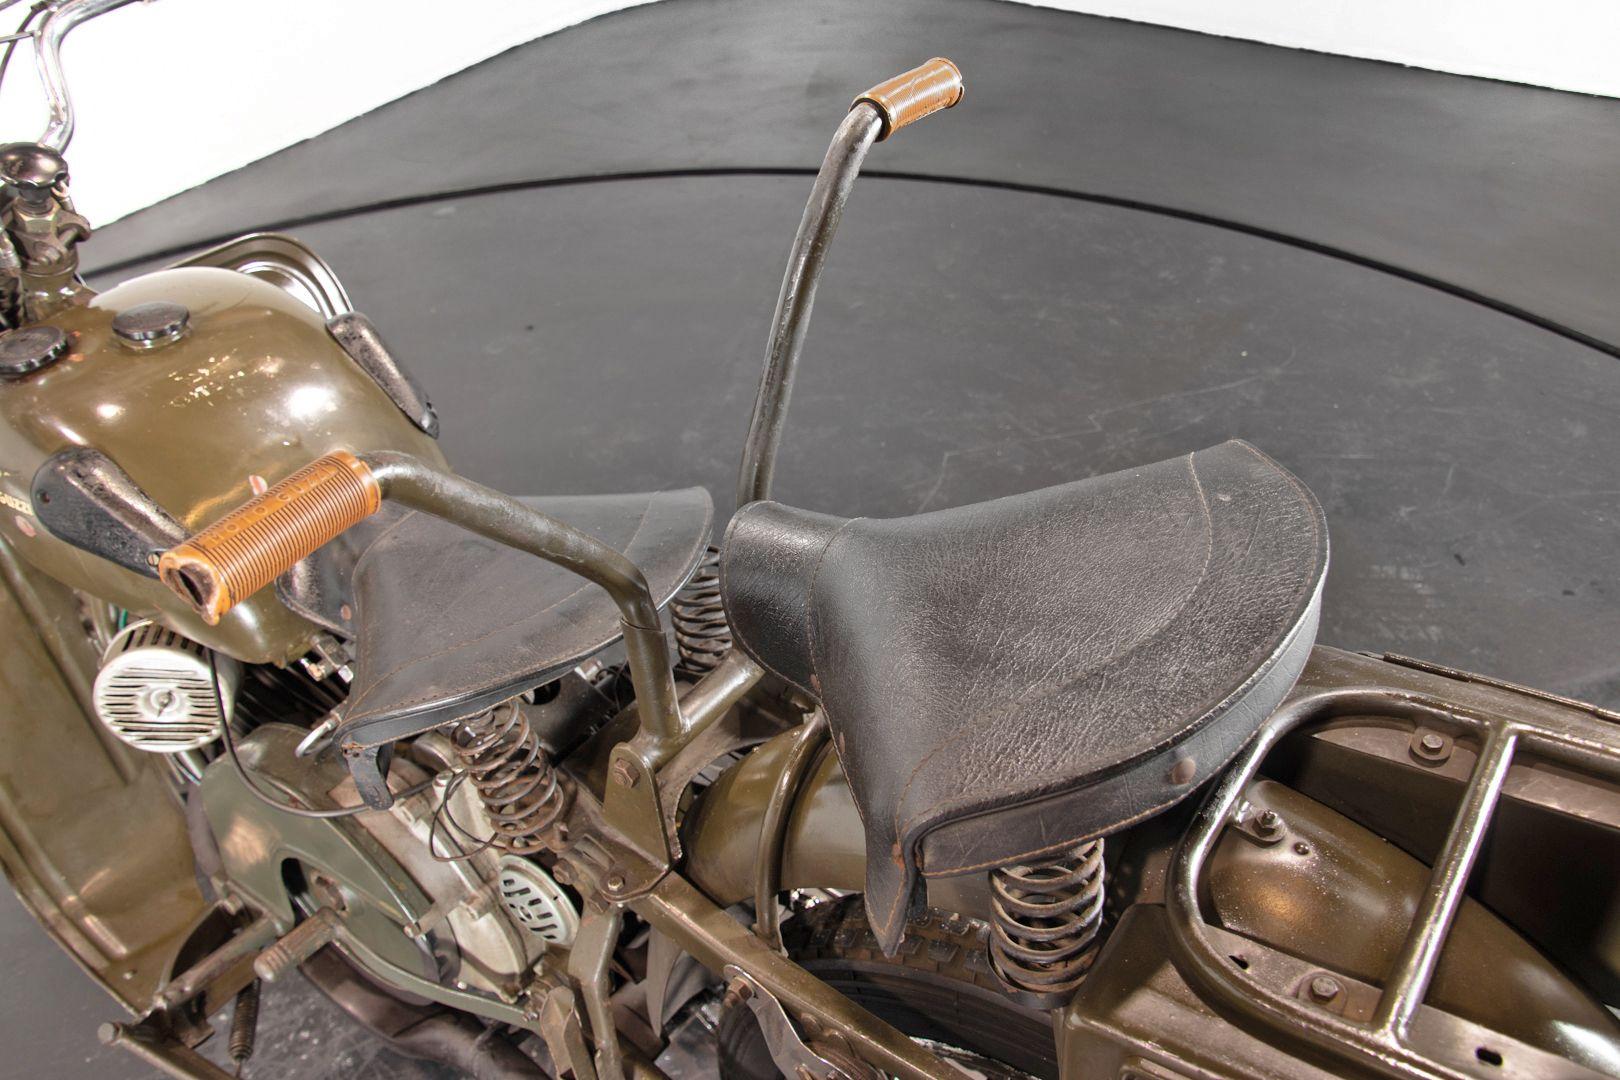 1976 Moto Guzzi SUPER ALCE   36513